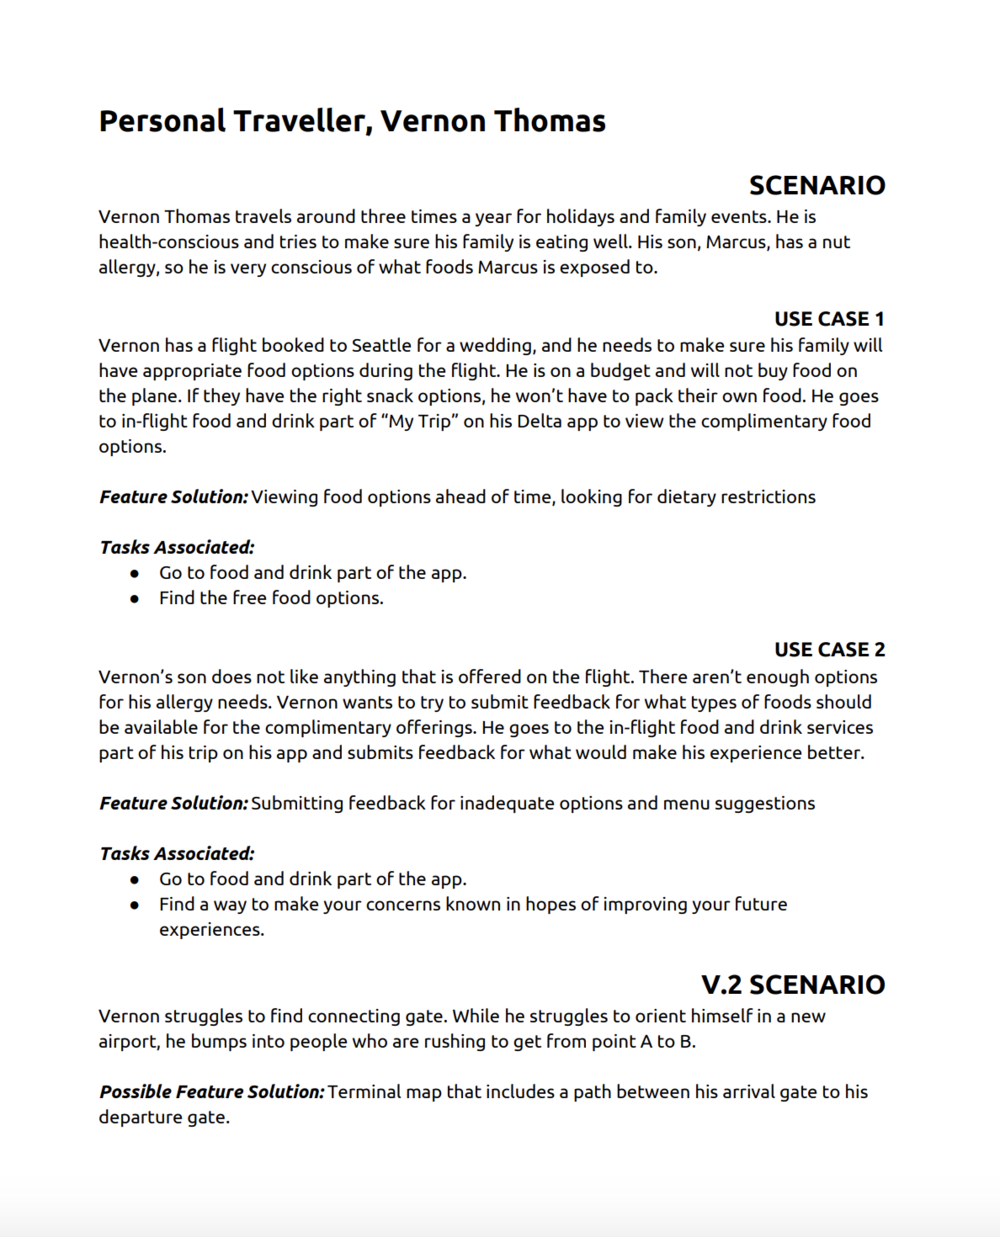 Scenario & Use Case